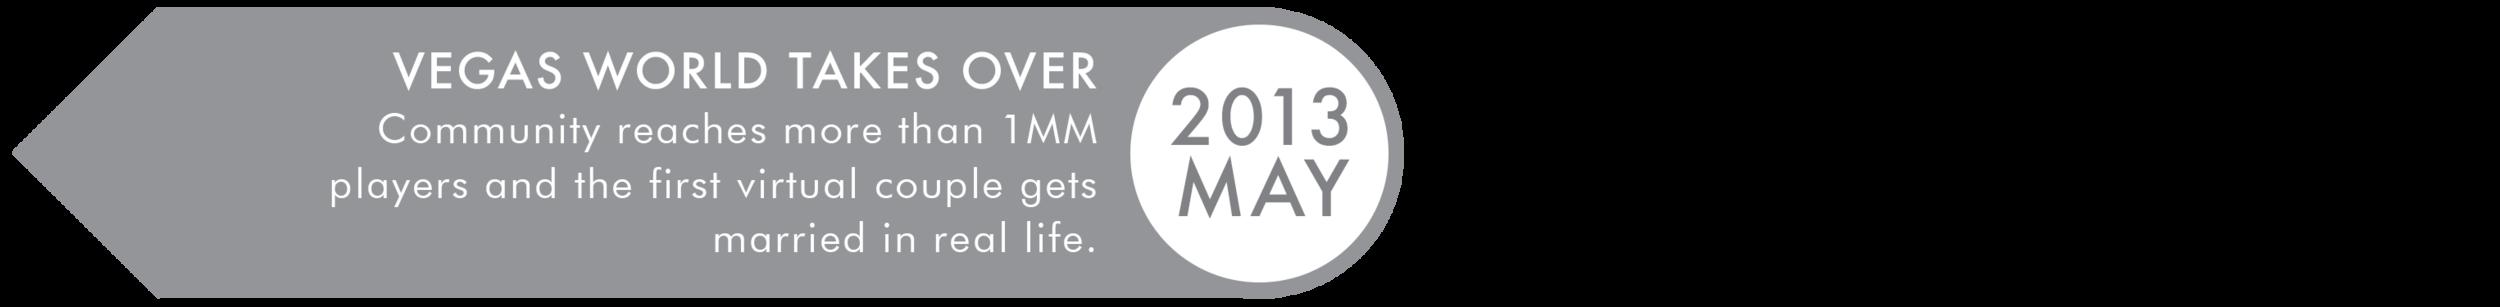 FlowPlay-Timeline-13May.png